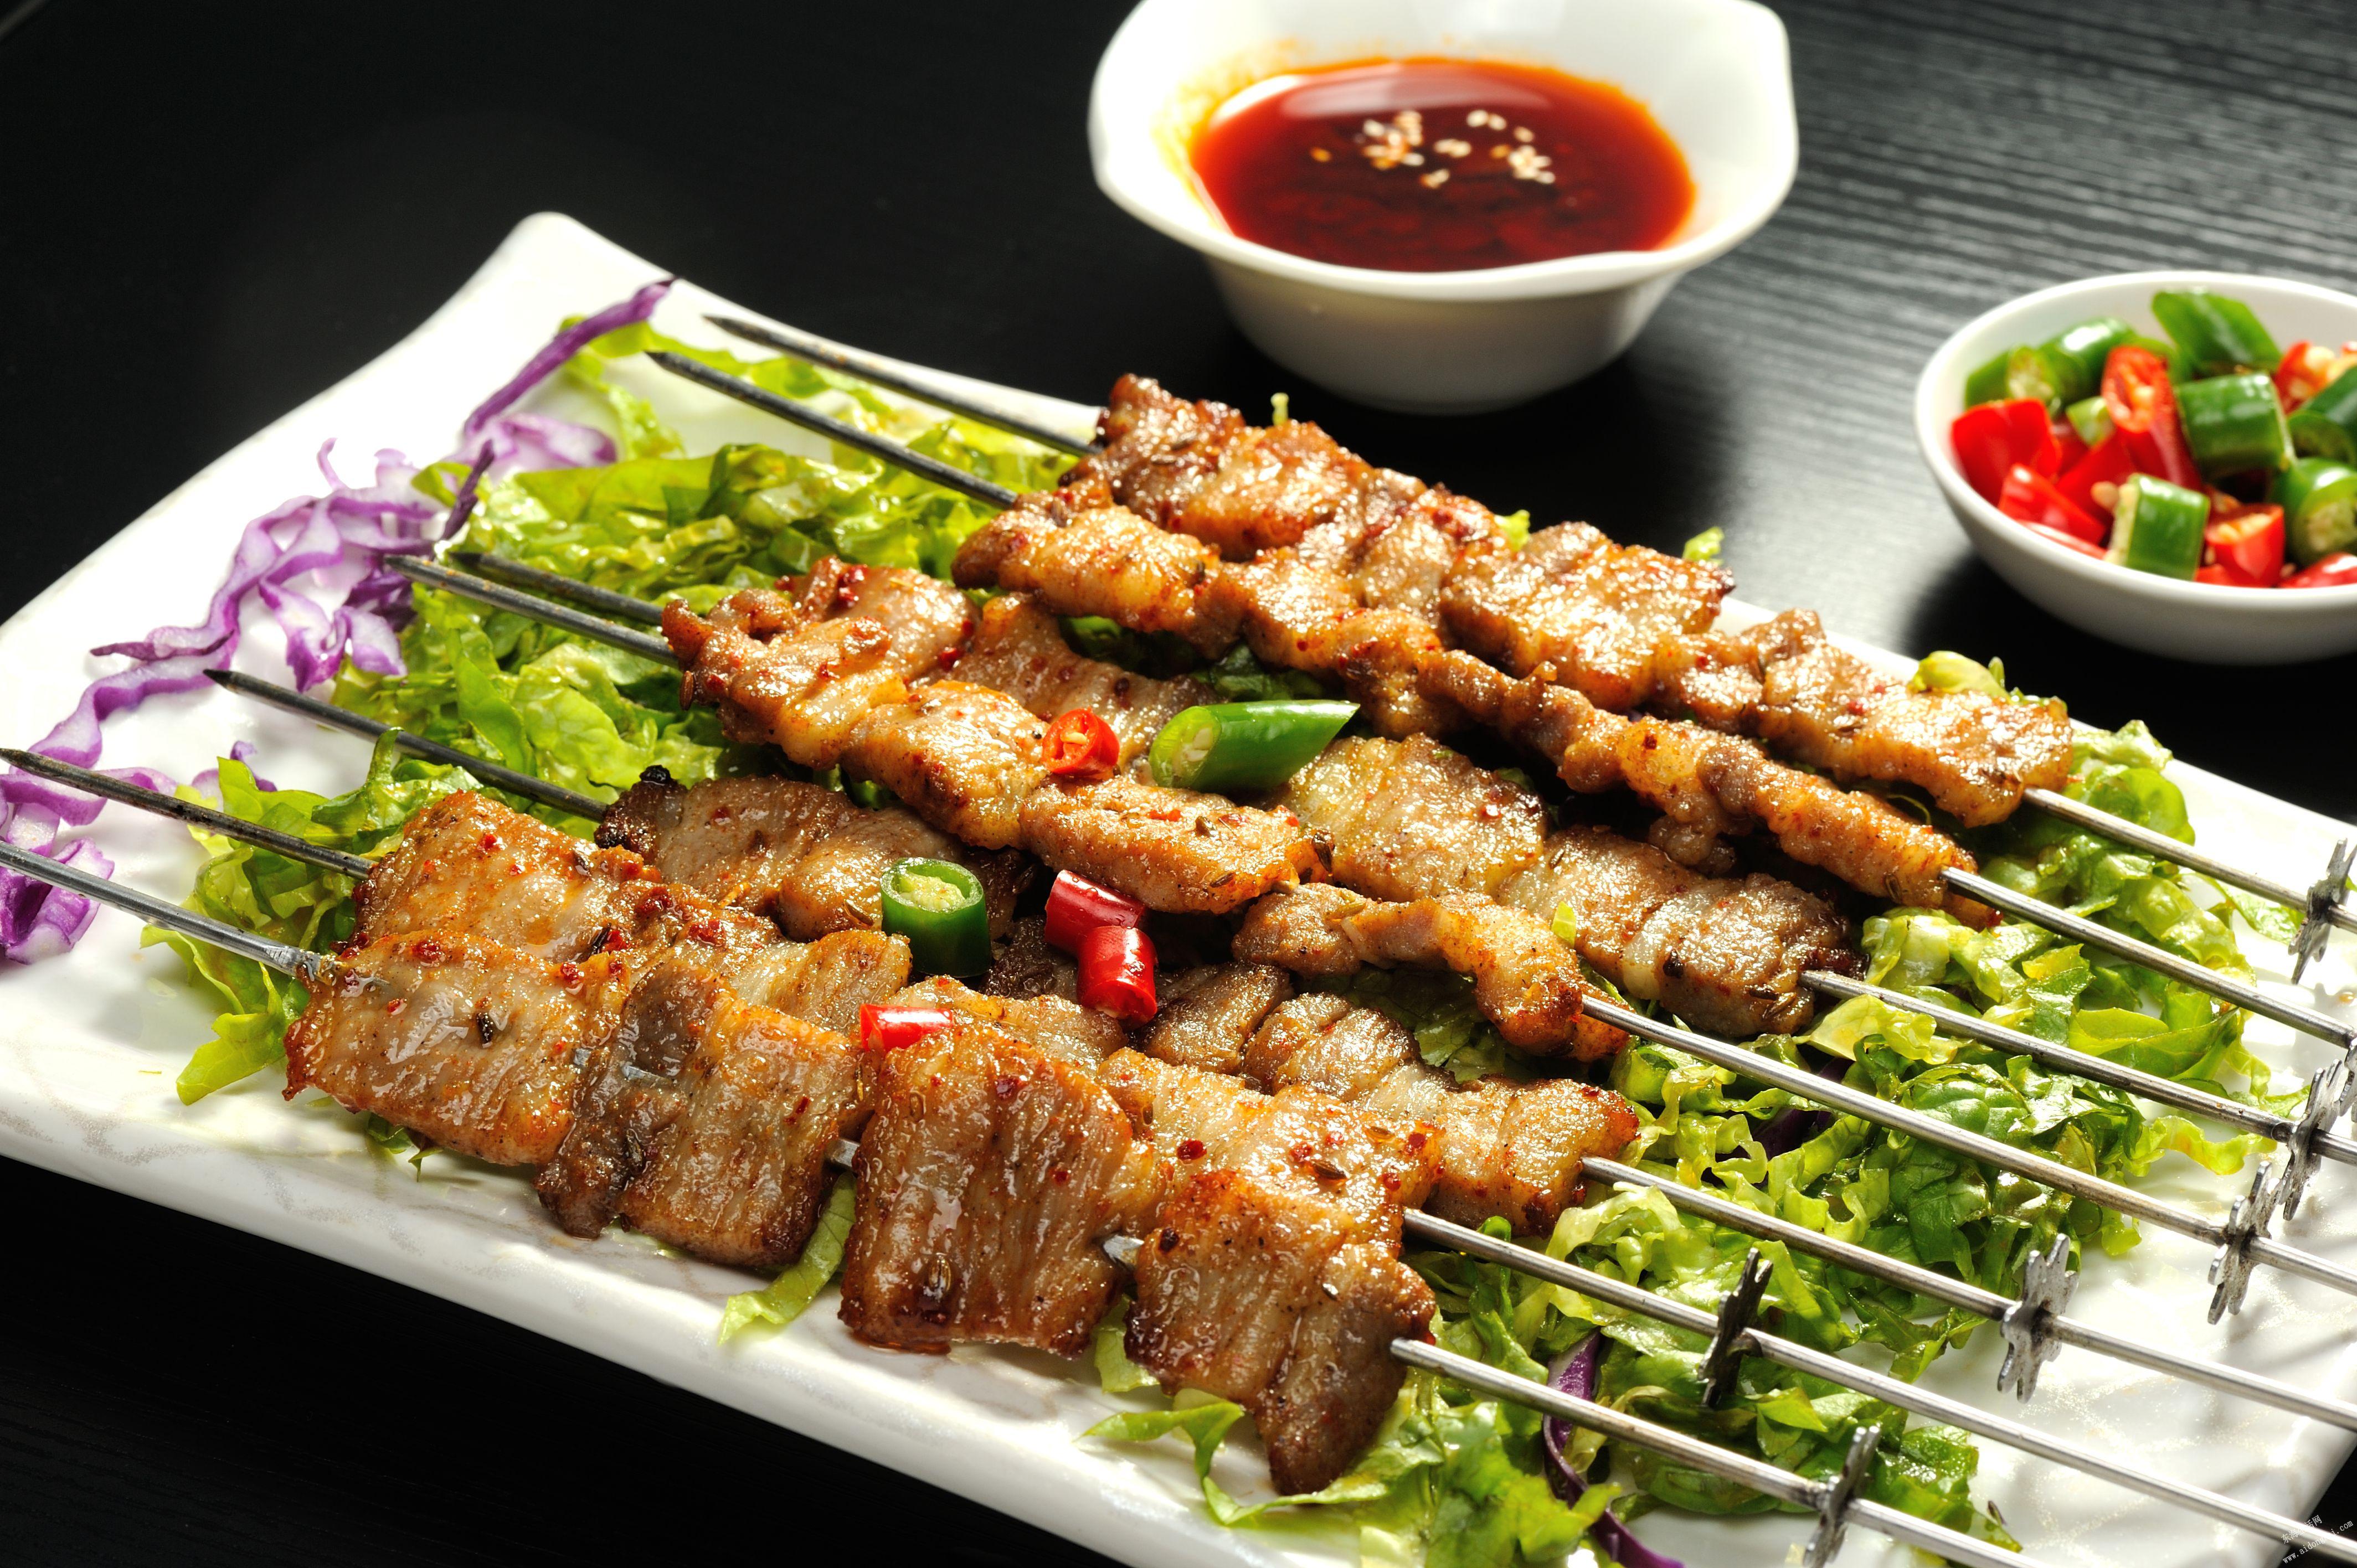 脆皮烤五花肉-烤功夫特色烧烤,集火锅 香锅 烤鱼一体